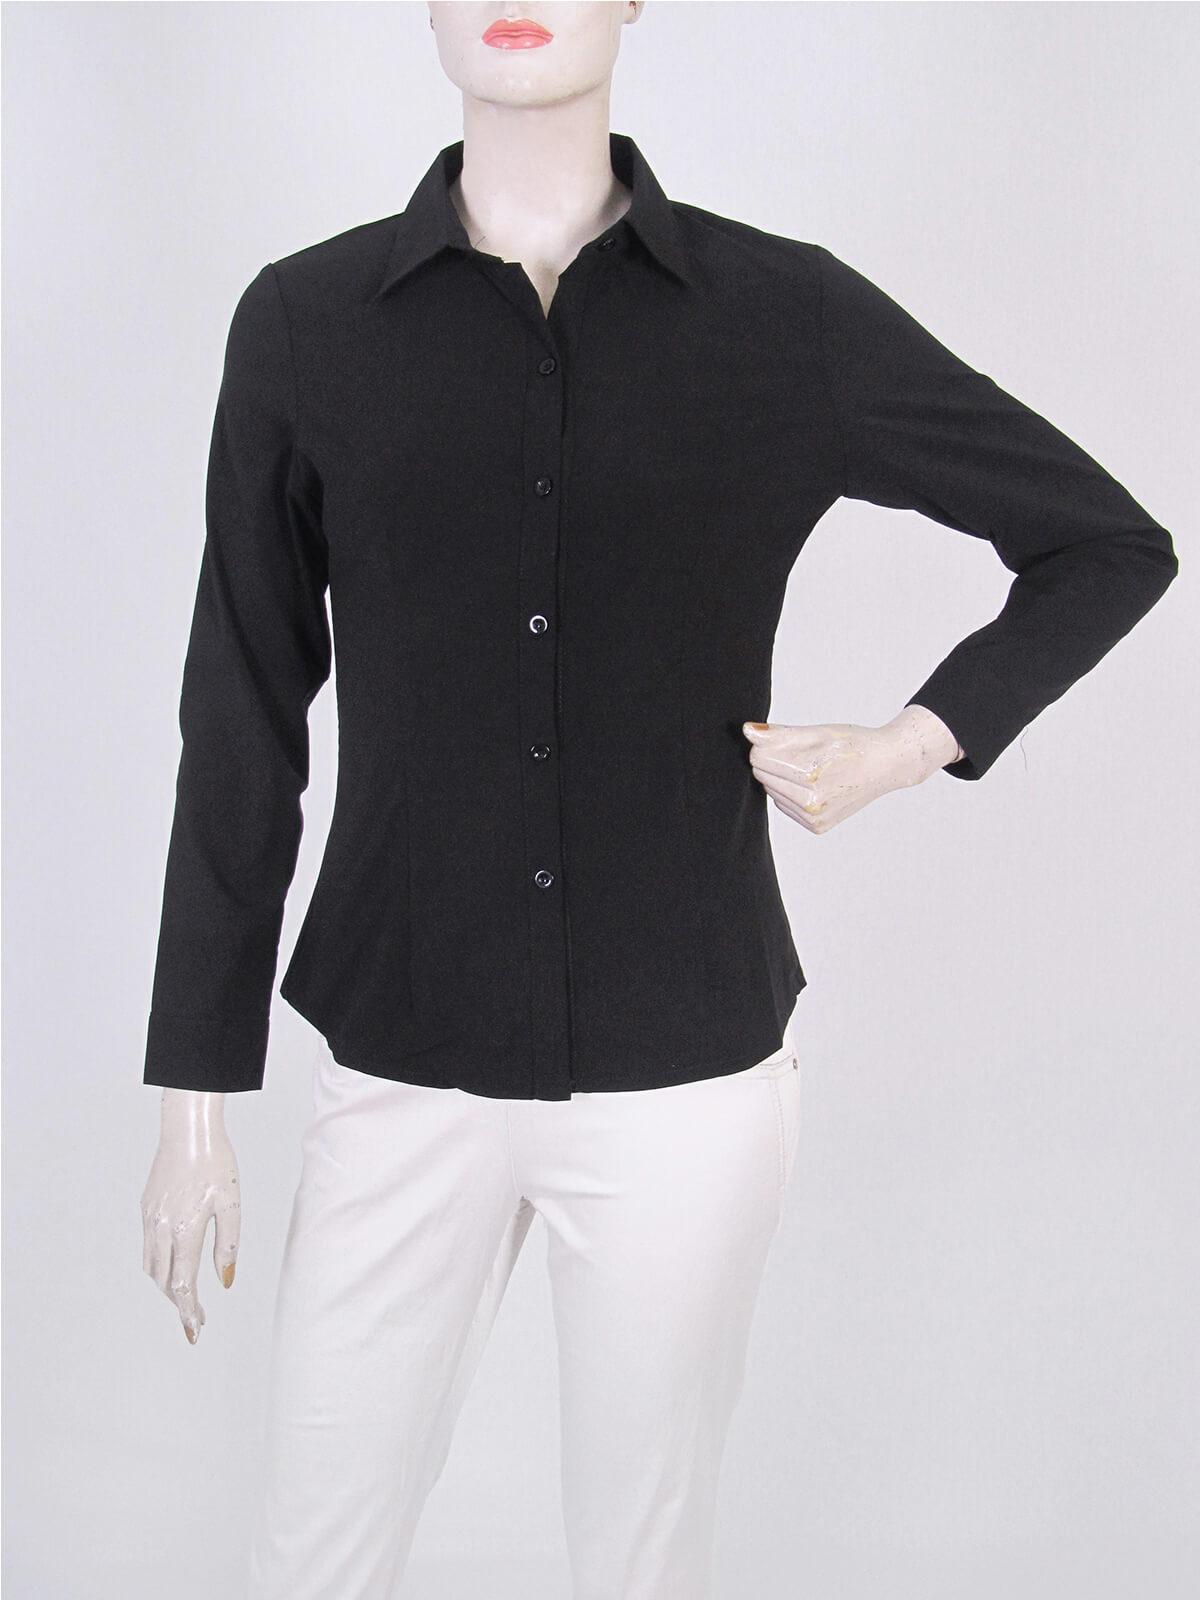 腰身剪裁淑女素面襯衫 修身長袖襯衫 合身顯瘦標準襯衫 正式襯衫 面試襯衫 上班族襯衫 商務襯衫 防曬襯衫 (333-A261-01)素面白色襯衫、(333-A261-21)素面黑色襯衫 胸圍32~50英吋 [實體店面保障] sun-e333 6